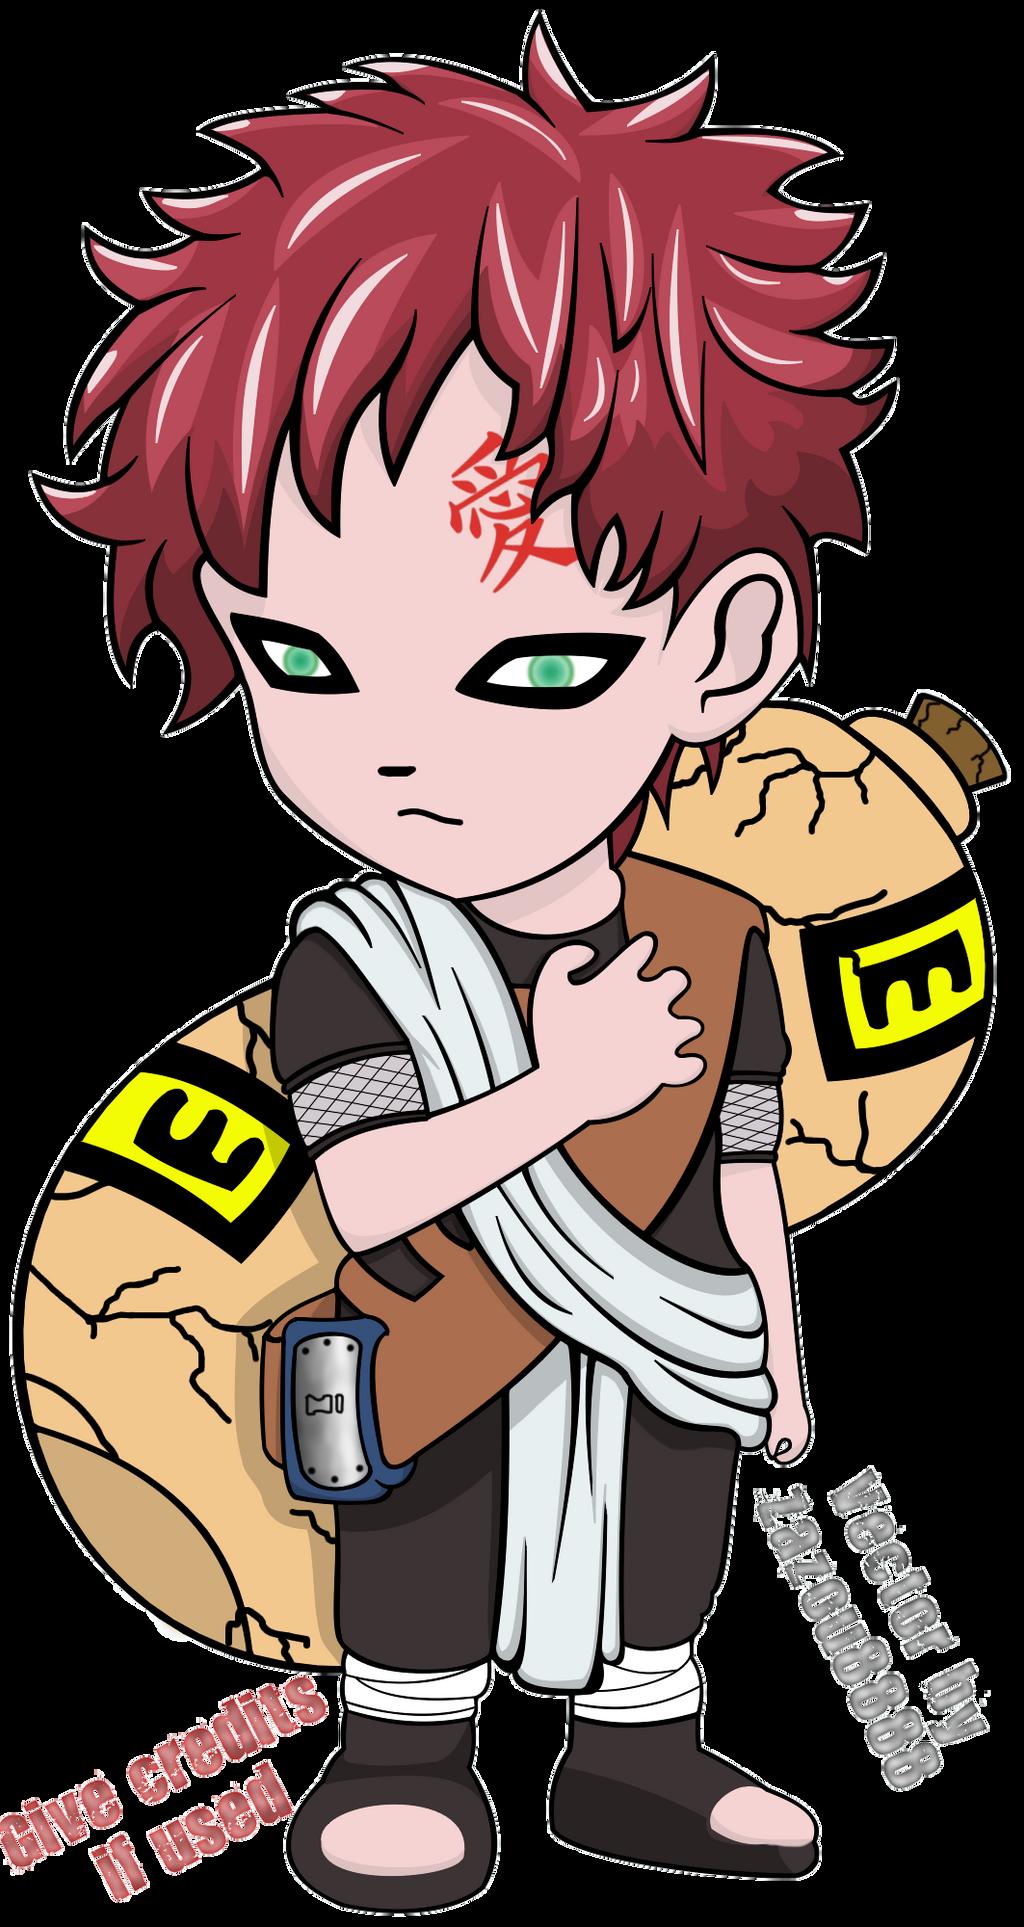 Vector : Chibi Gaara by Zazou8888 on DeviantArt Gaara And Naruto Chibi